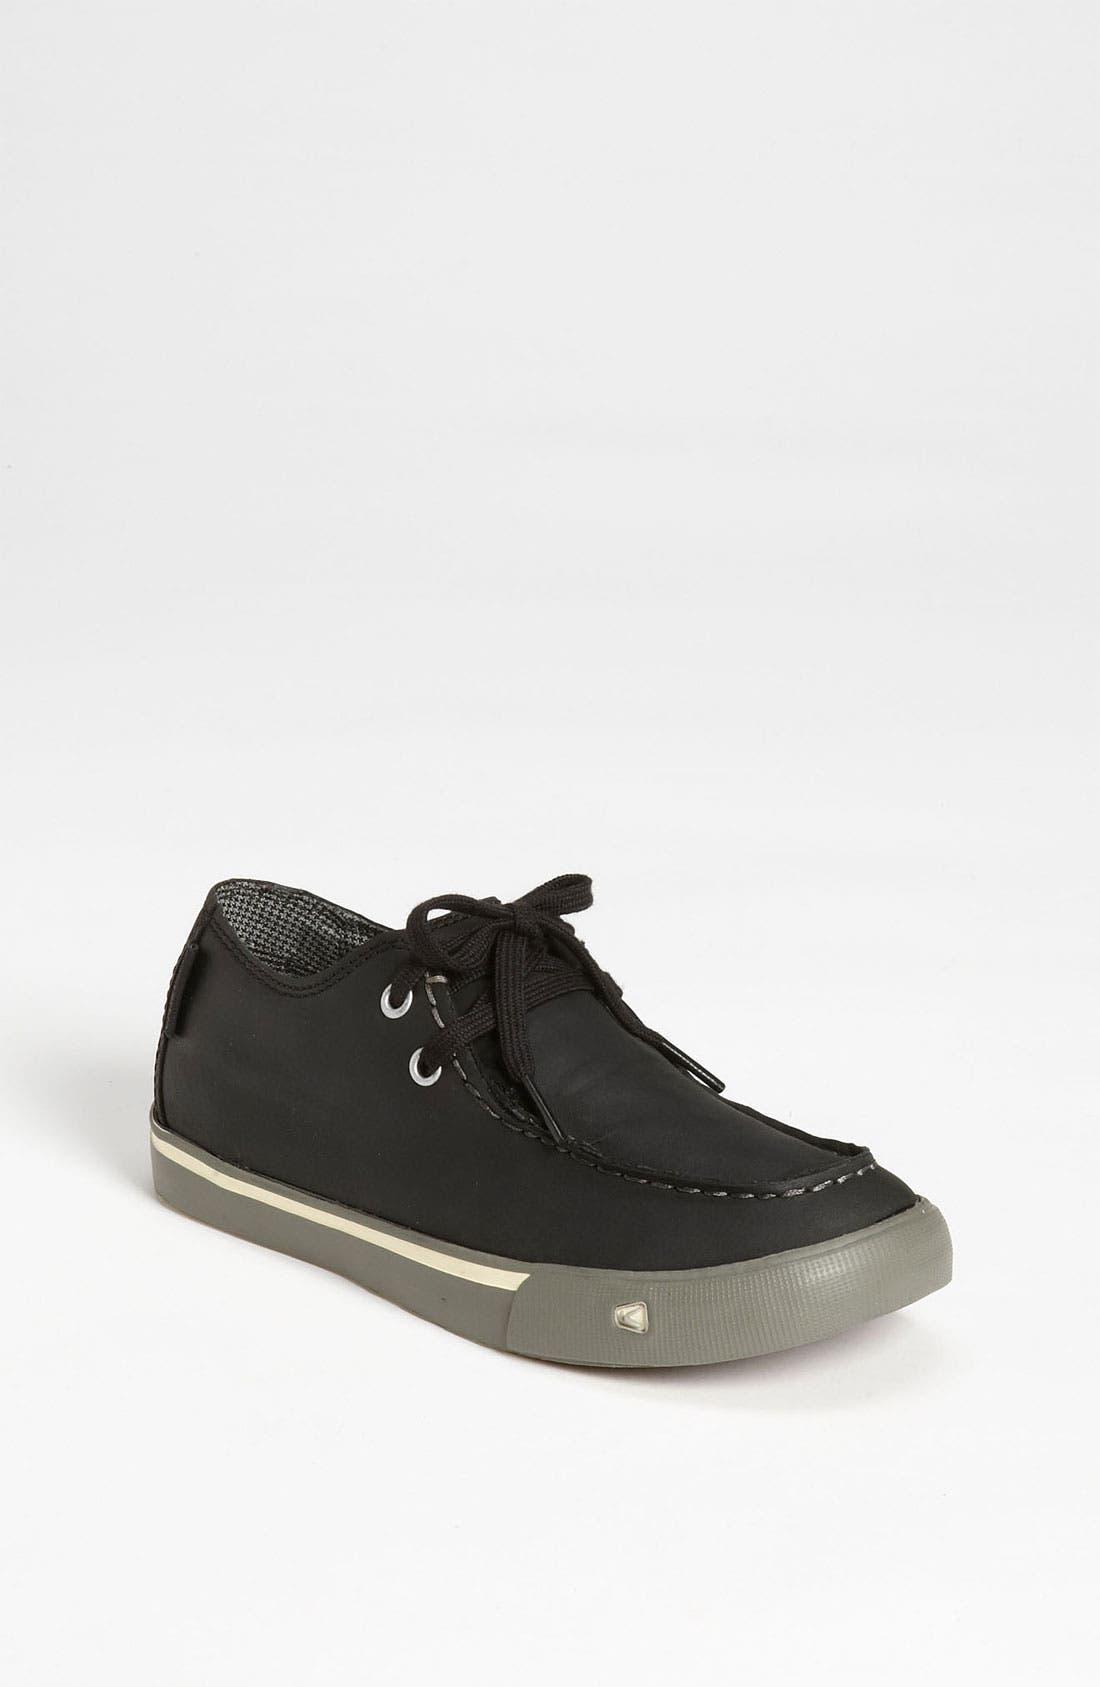 Alternate Image 1 Selected - Keen 'Timmons' Sneaker (Baby, Walker, Toddler, Little Kid & Big Kid)